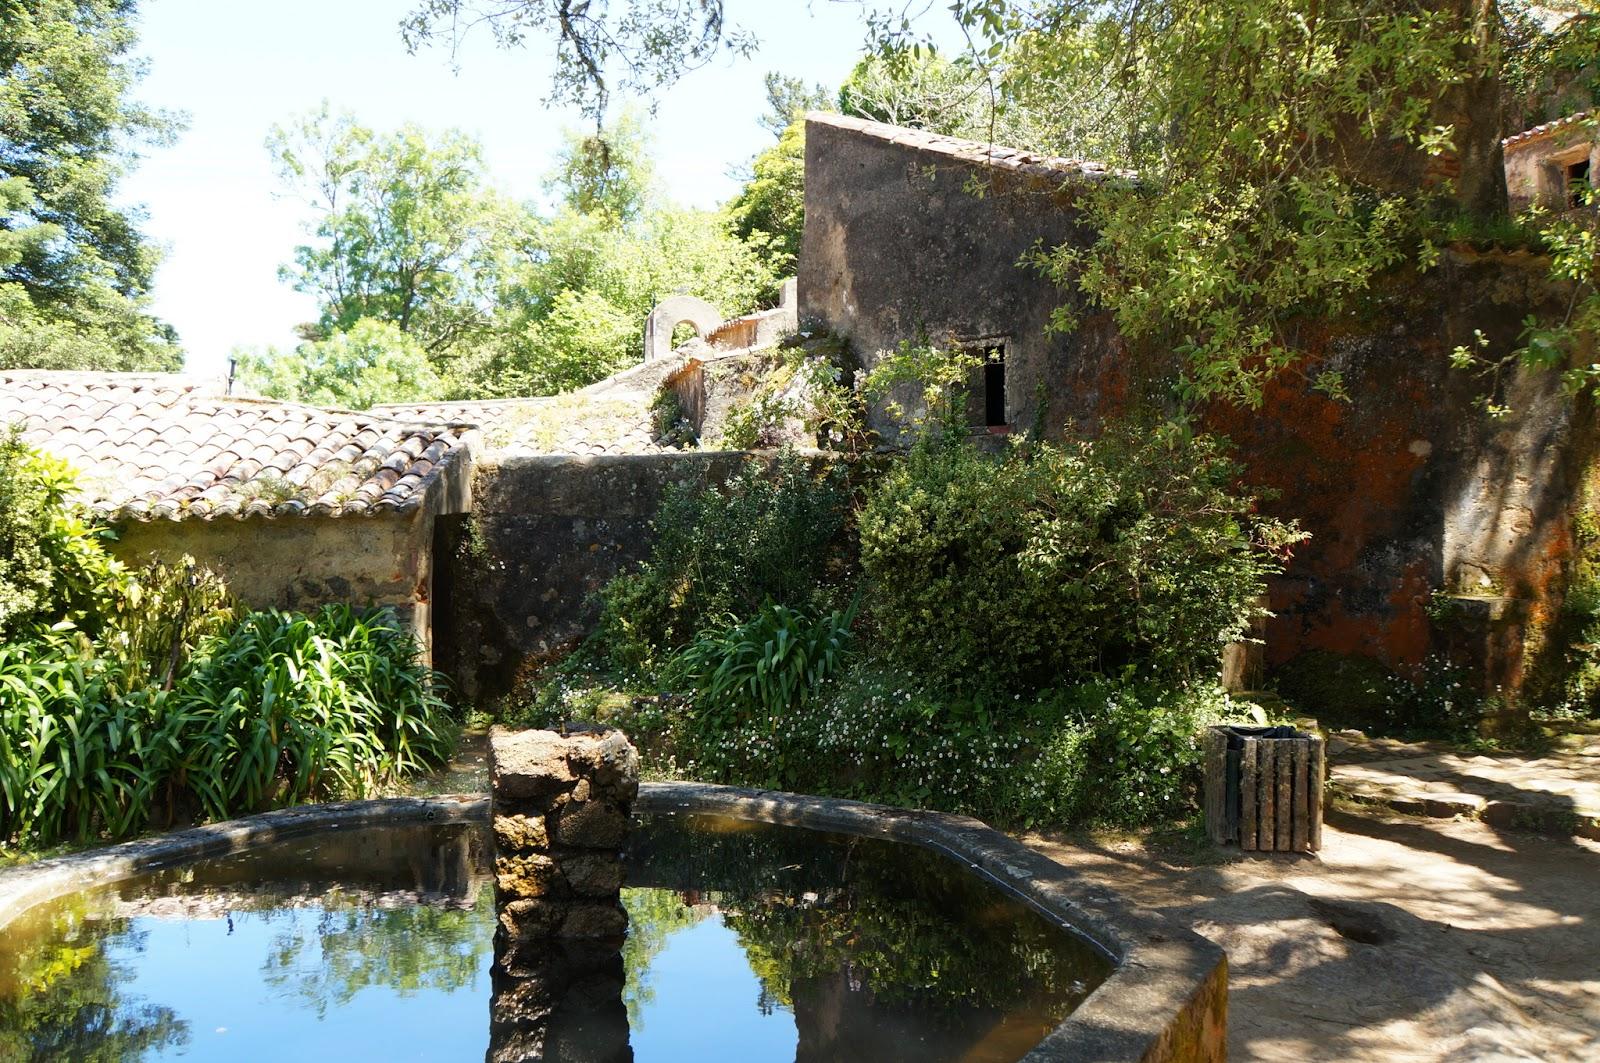 Convento dos Capuchos - Portugal